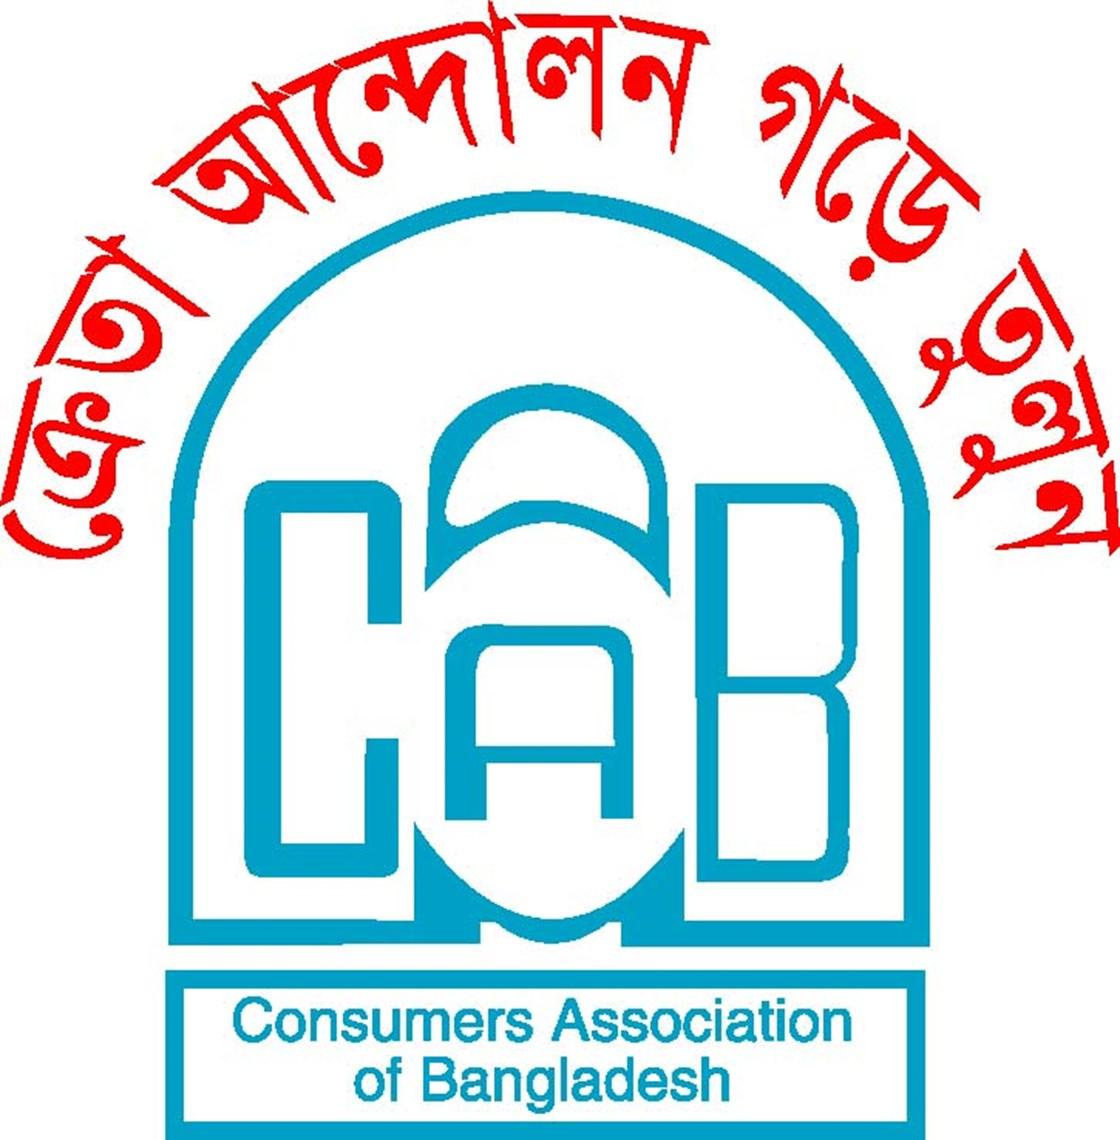 d4c8ac94e1d Consumers Association of Bangladesh (CAB) - Consumers International